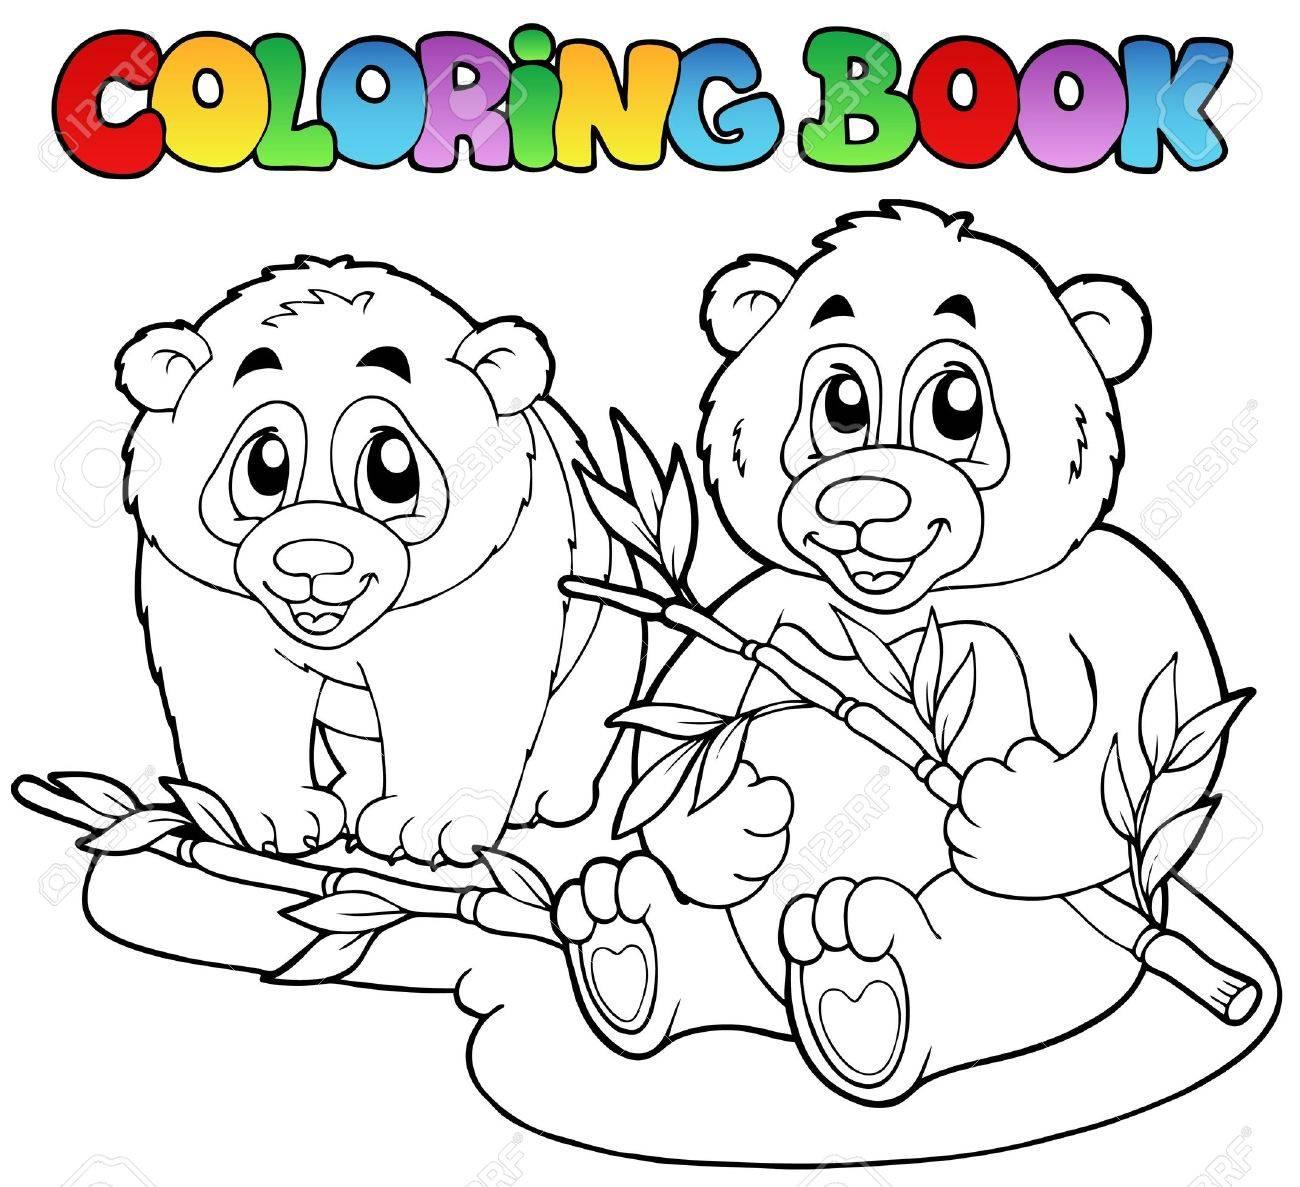 Libro Para Colorear Con Dos Osos Panda Ilustración Vectorial